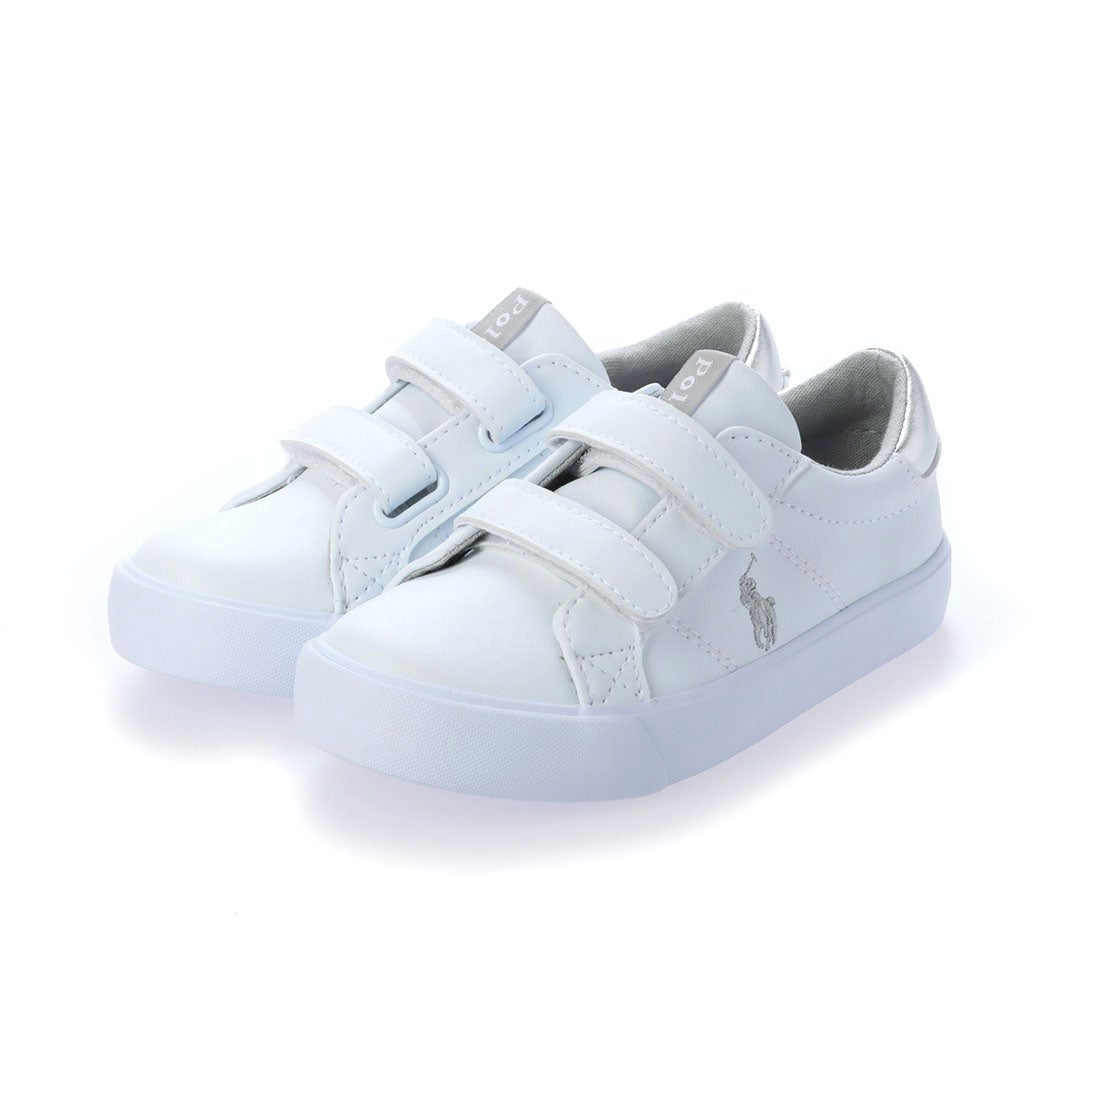 ロコンド 靴とファッションの通販サイトラルフローレン Ralph Lauren エバンストンEZ EVANSTON EZ (ホワイト/シルバー)